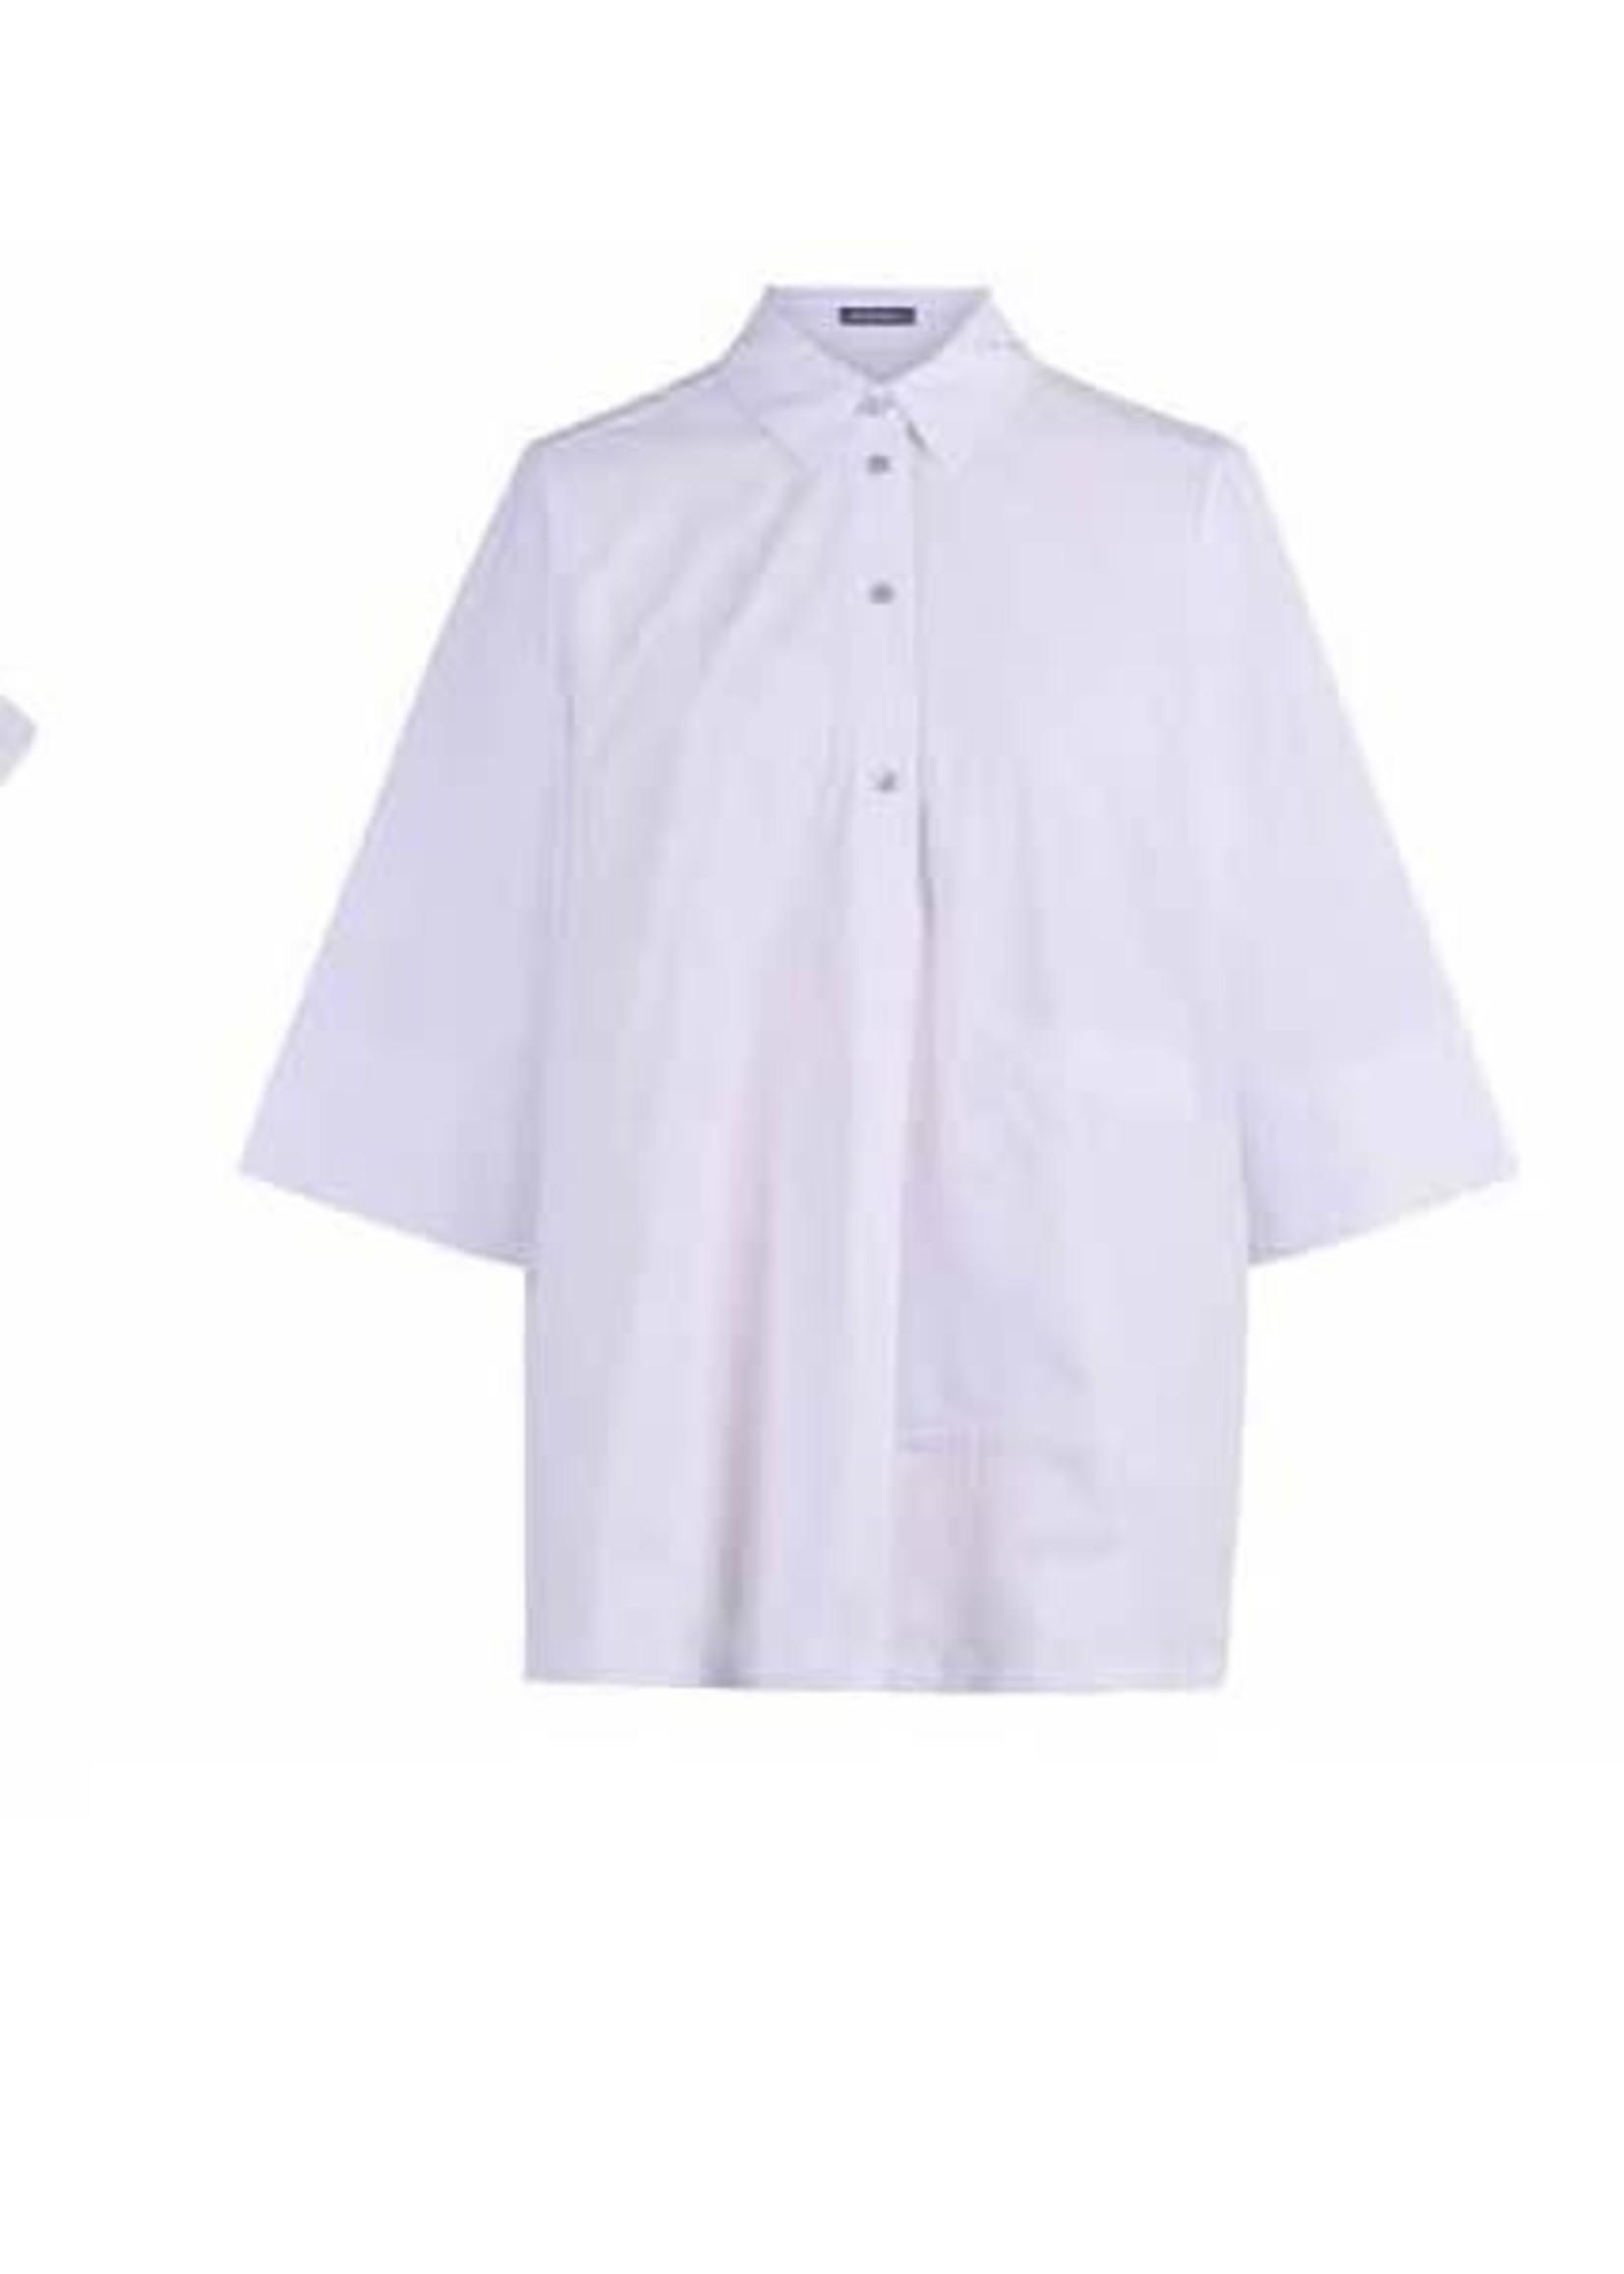 ALEMBIKA St220w white cotton collared shirt